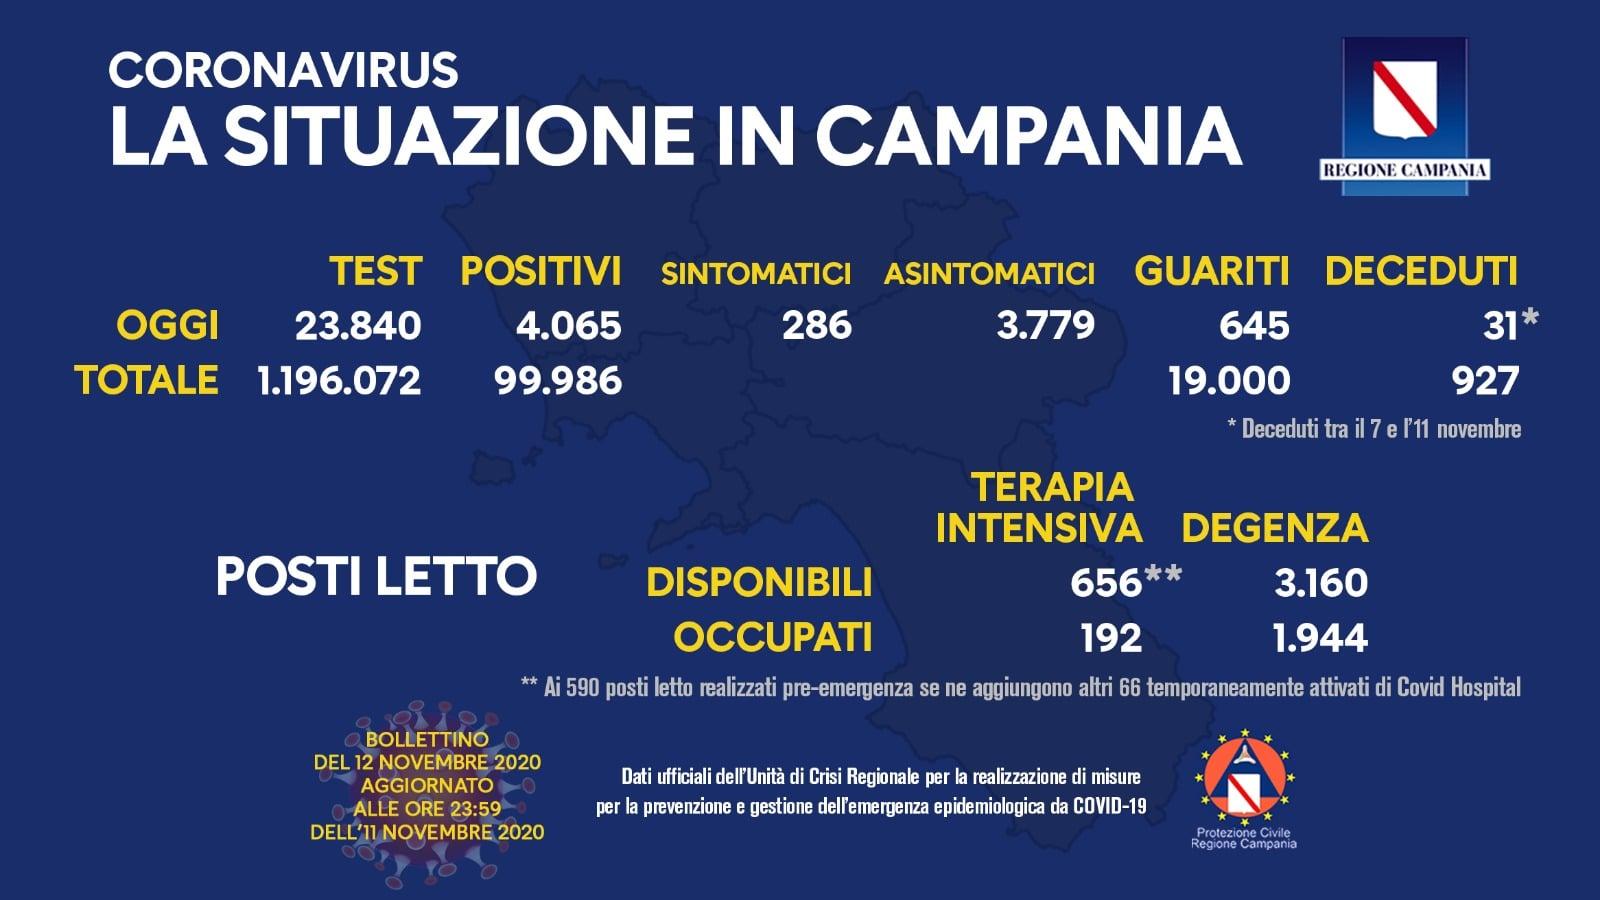 Coronavirus Campania, bollettino del 12 novembre 2020